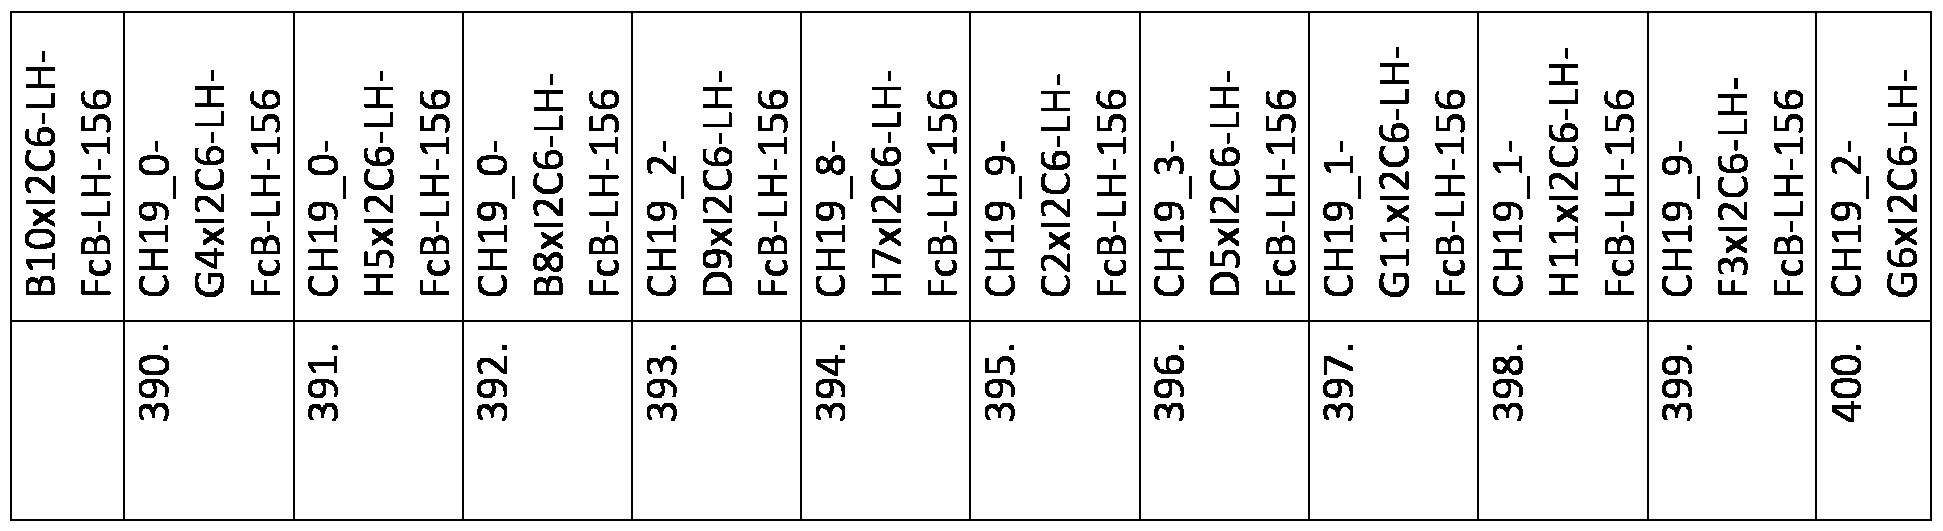 Figure imgf000098_0002